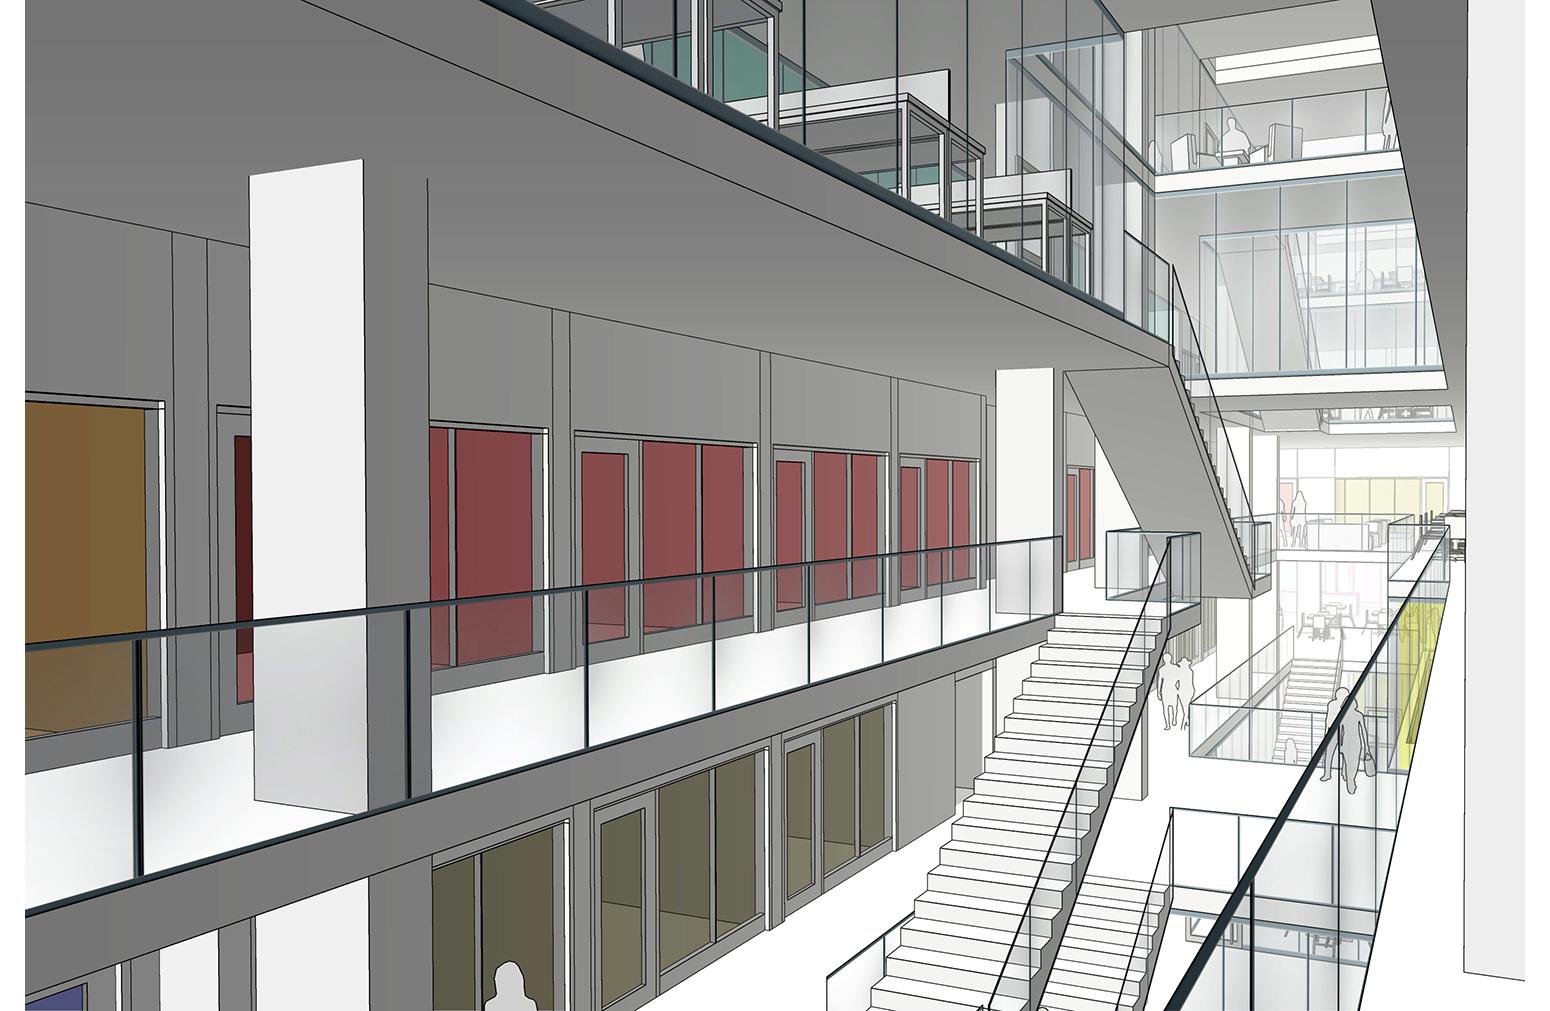 BU Brodie-interior-atrium 2.jpg